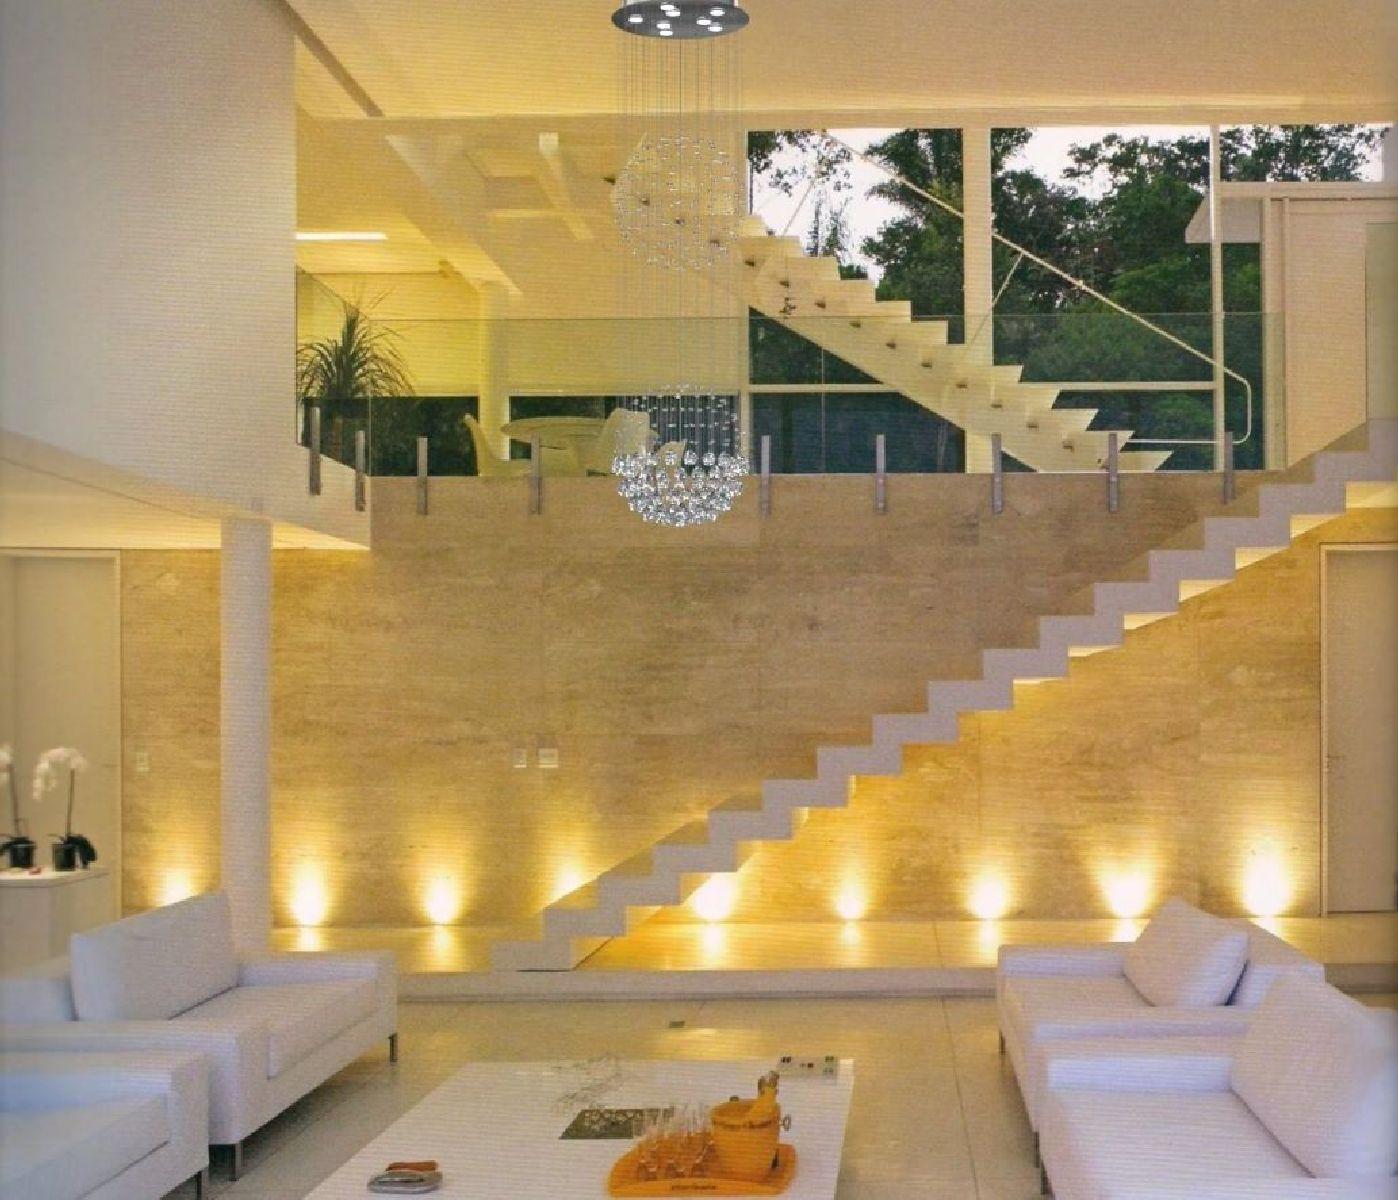 Lustre de Cristal Legitimo Globo Duplo 40cm Pé Direito Duplo Vão de Escada Sala Alta G240 Com Lampadas Led